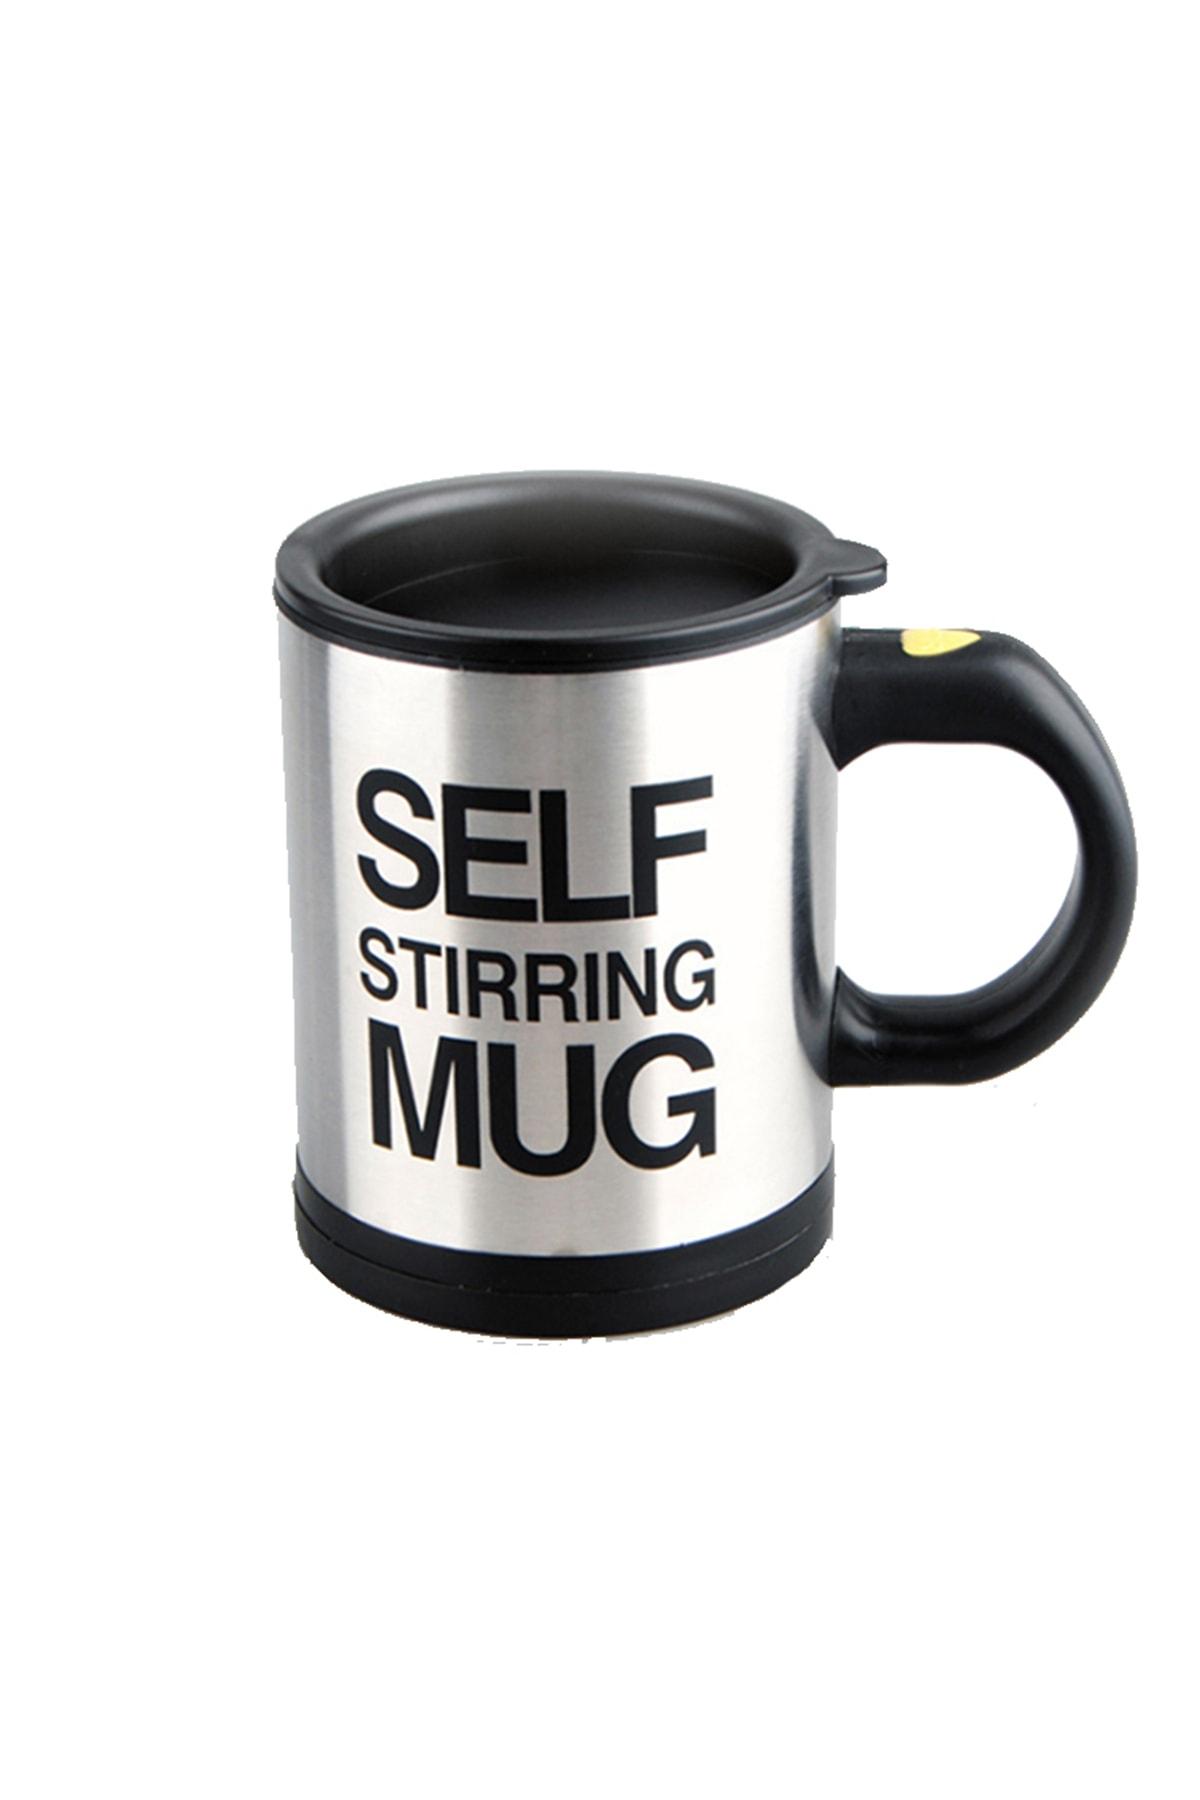 Patladı Gitti Kendi Kendini Karıştıran Mikser Kupa Termos Bardak; Self Stirring Mug - Siyah 1